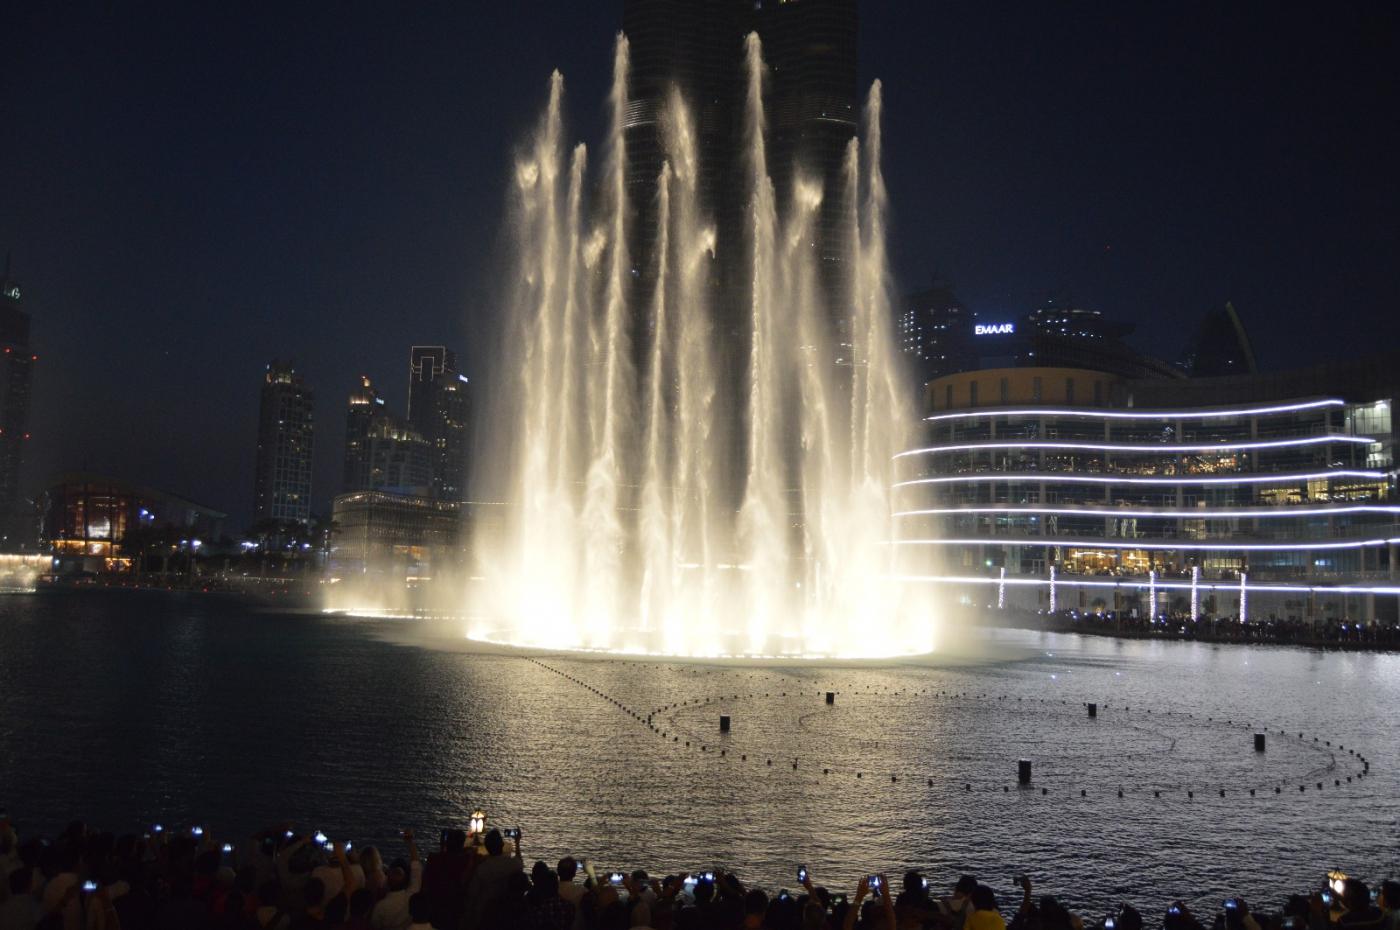 迪拜之哈利法塔_圖1-33